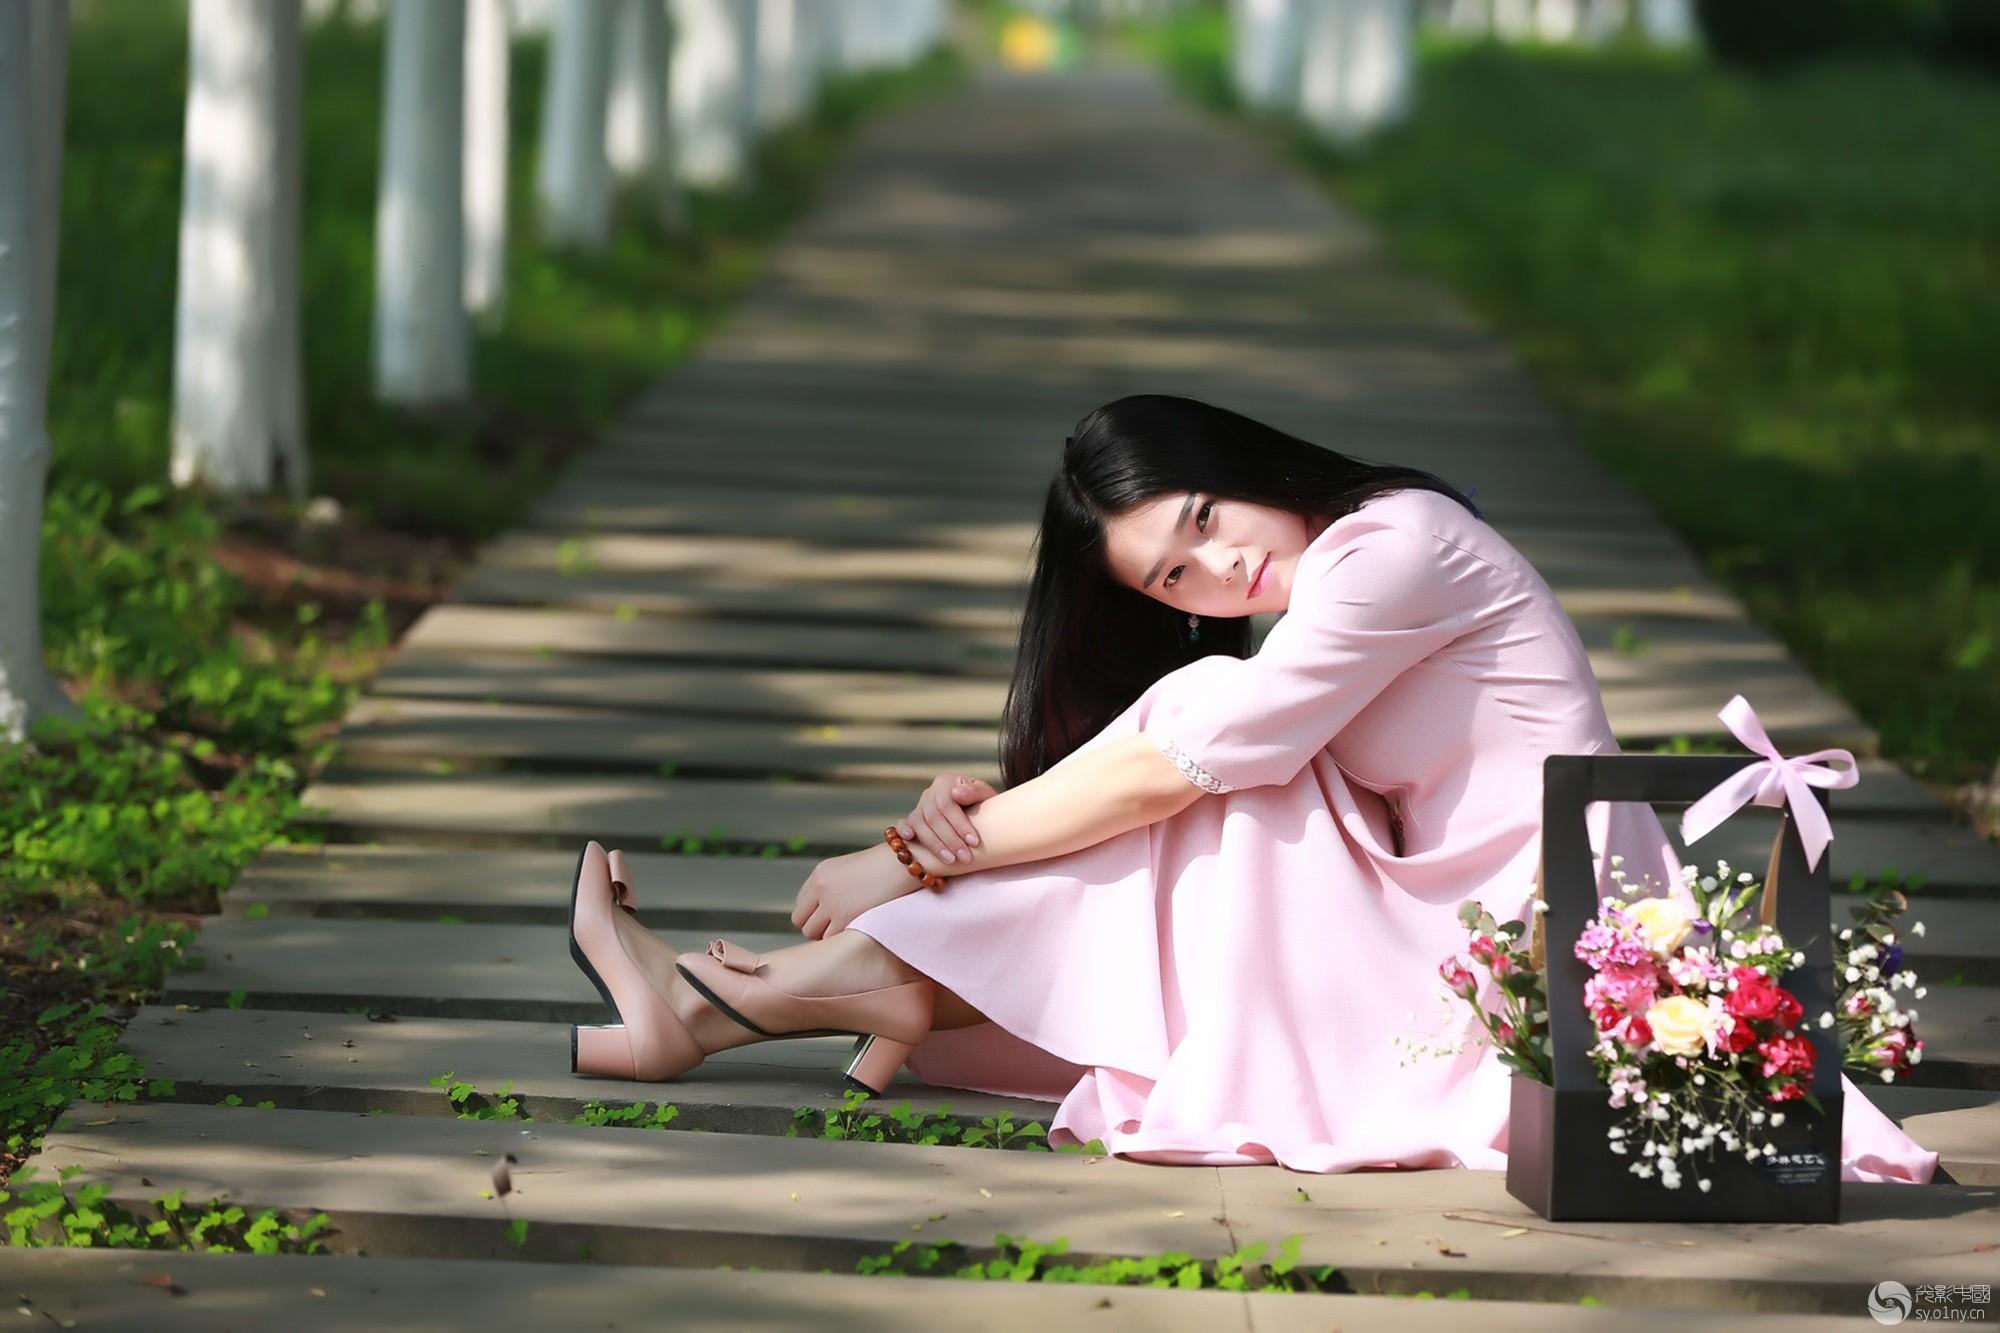 美人如花.jpg